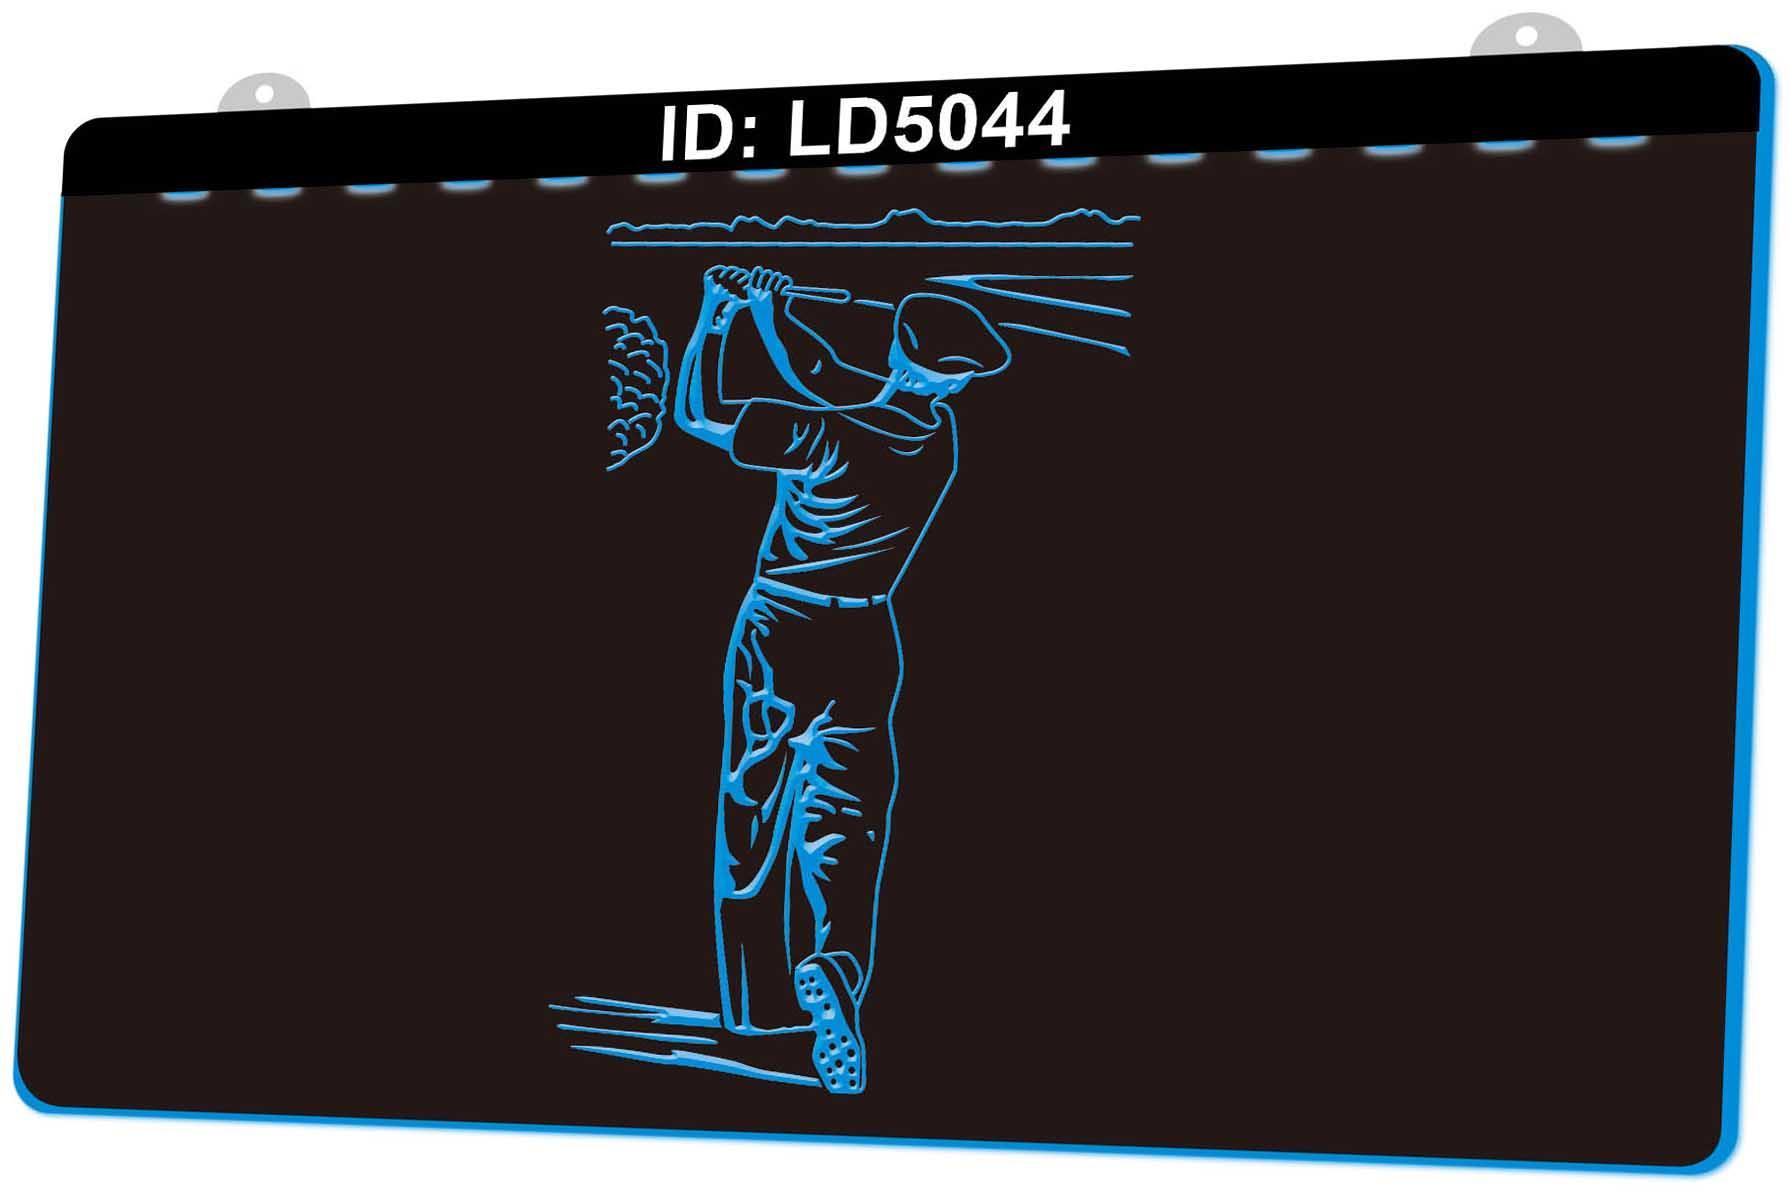 LD5044 Golfers 3D gravura LED Light Sign 9 Cores Atacado Varejo Design Grátis